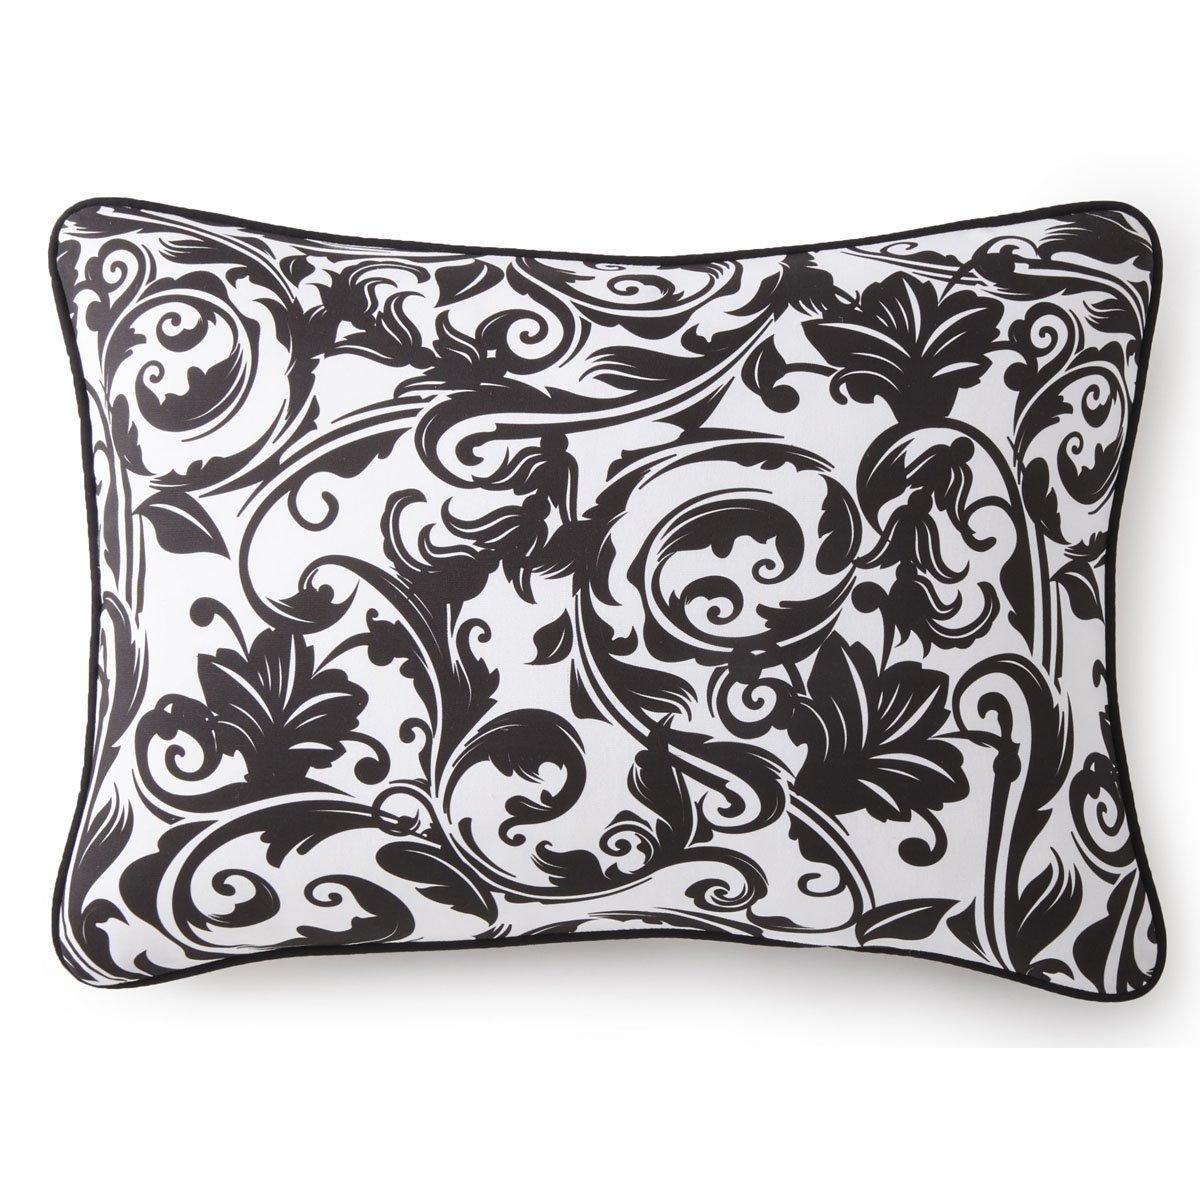 Scrollwork Pillow Sham Standard/Queen